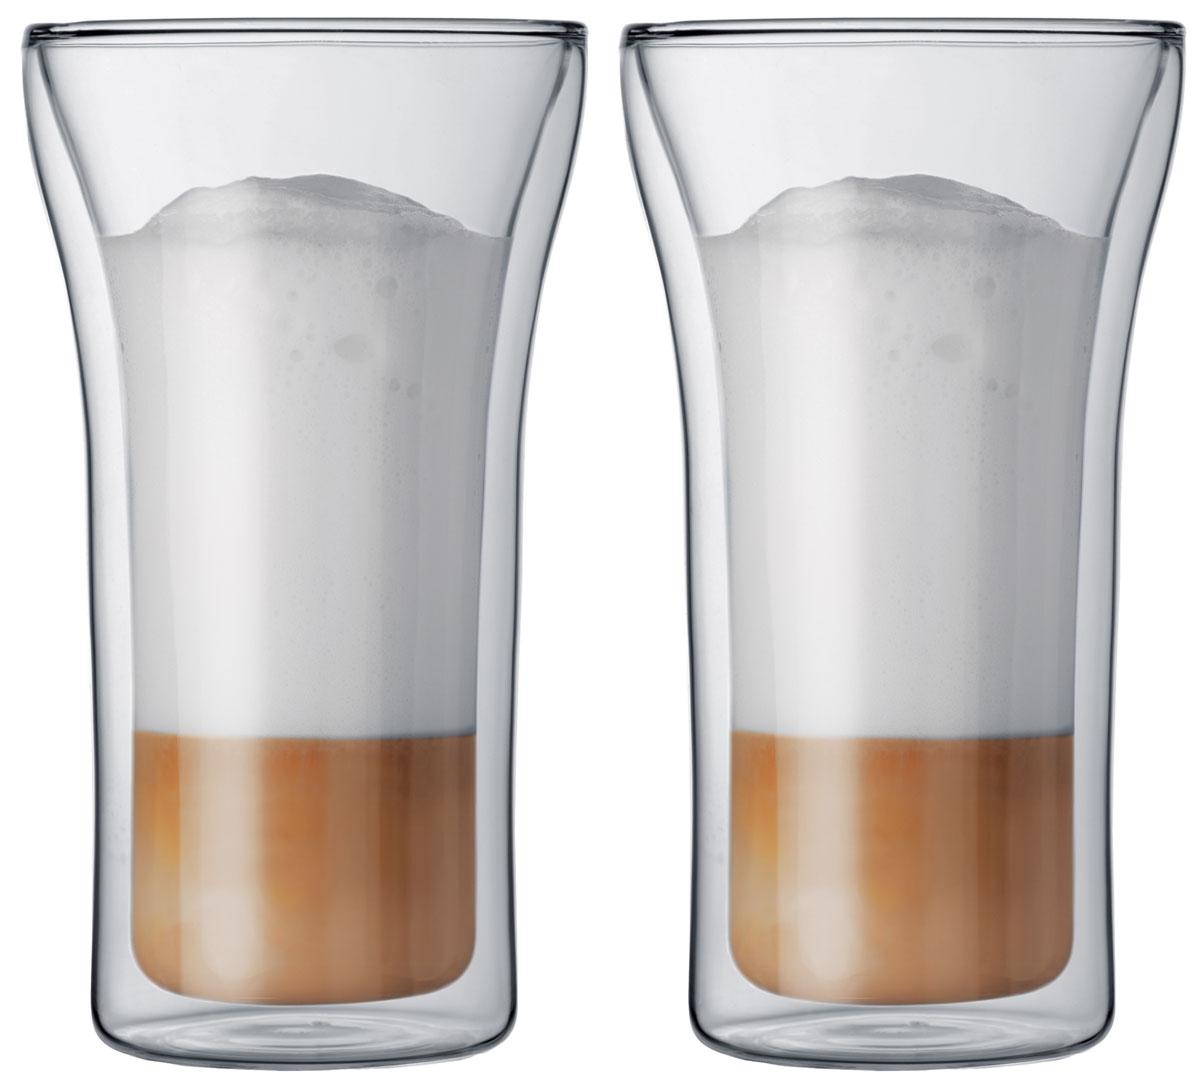 Набор термобокалов Bodum Assam, 400 мл, 2 шт. 4547-1054 009312Набор термобокалов Bodum Assam выполнены из двойного боросиликатного стекла, что позволяет не только держать горячие напитки горячими в течение более длительного времени, но он также позволяет холодным напиткам оставаться холодными дольше. Боросиликатное стекло создает впечатление, будто напиток плавает внутри термобокала. Он намного легче, чем стакан из обычного стекла. Еще одна приятная особенность - отсутствие конденсата, что препятствует возникновению грязных следов от бокала. Термобокалы можно использовать в микроволновой печи и мыть в посудомоечной машине. Боросиликатное стекло выдерживает температуры от -30°C до +520°C.